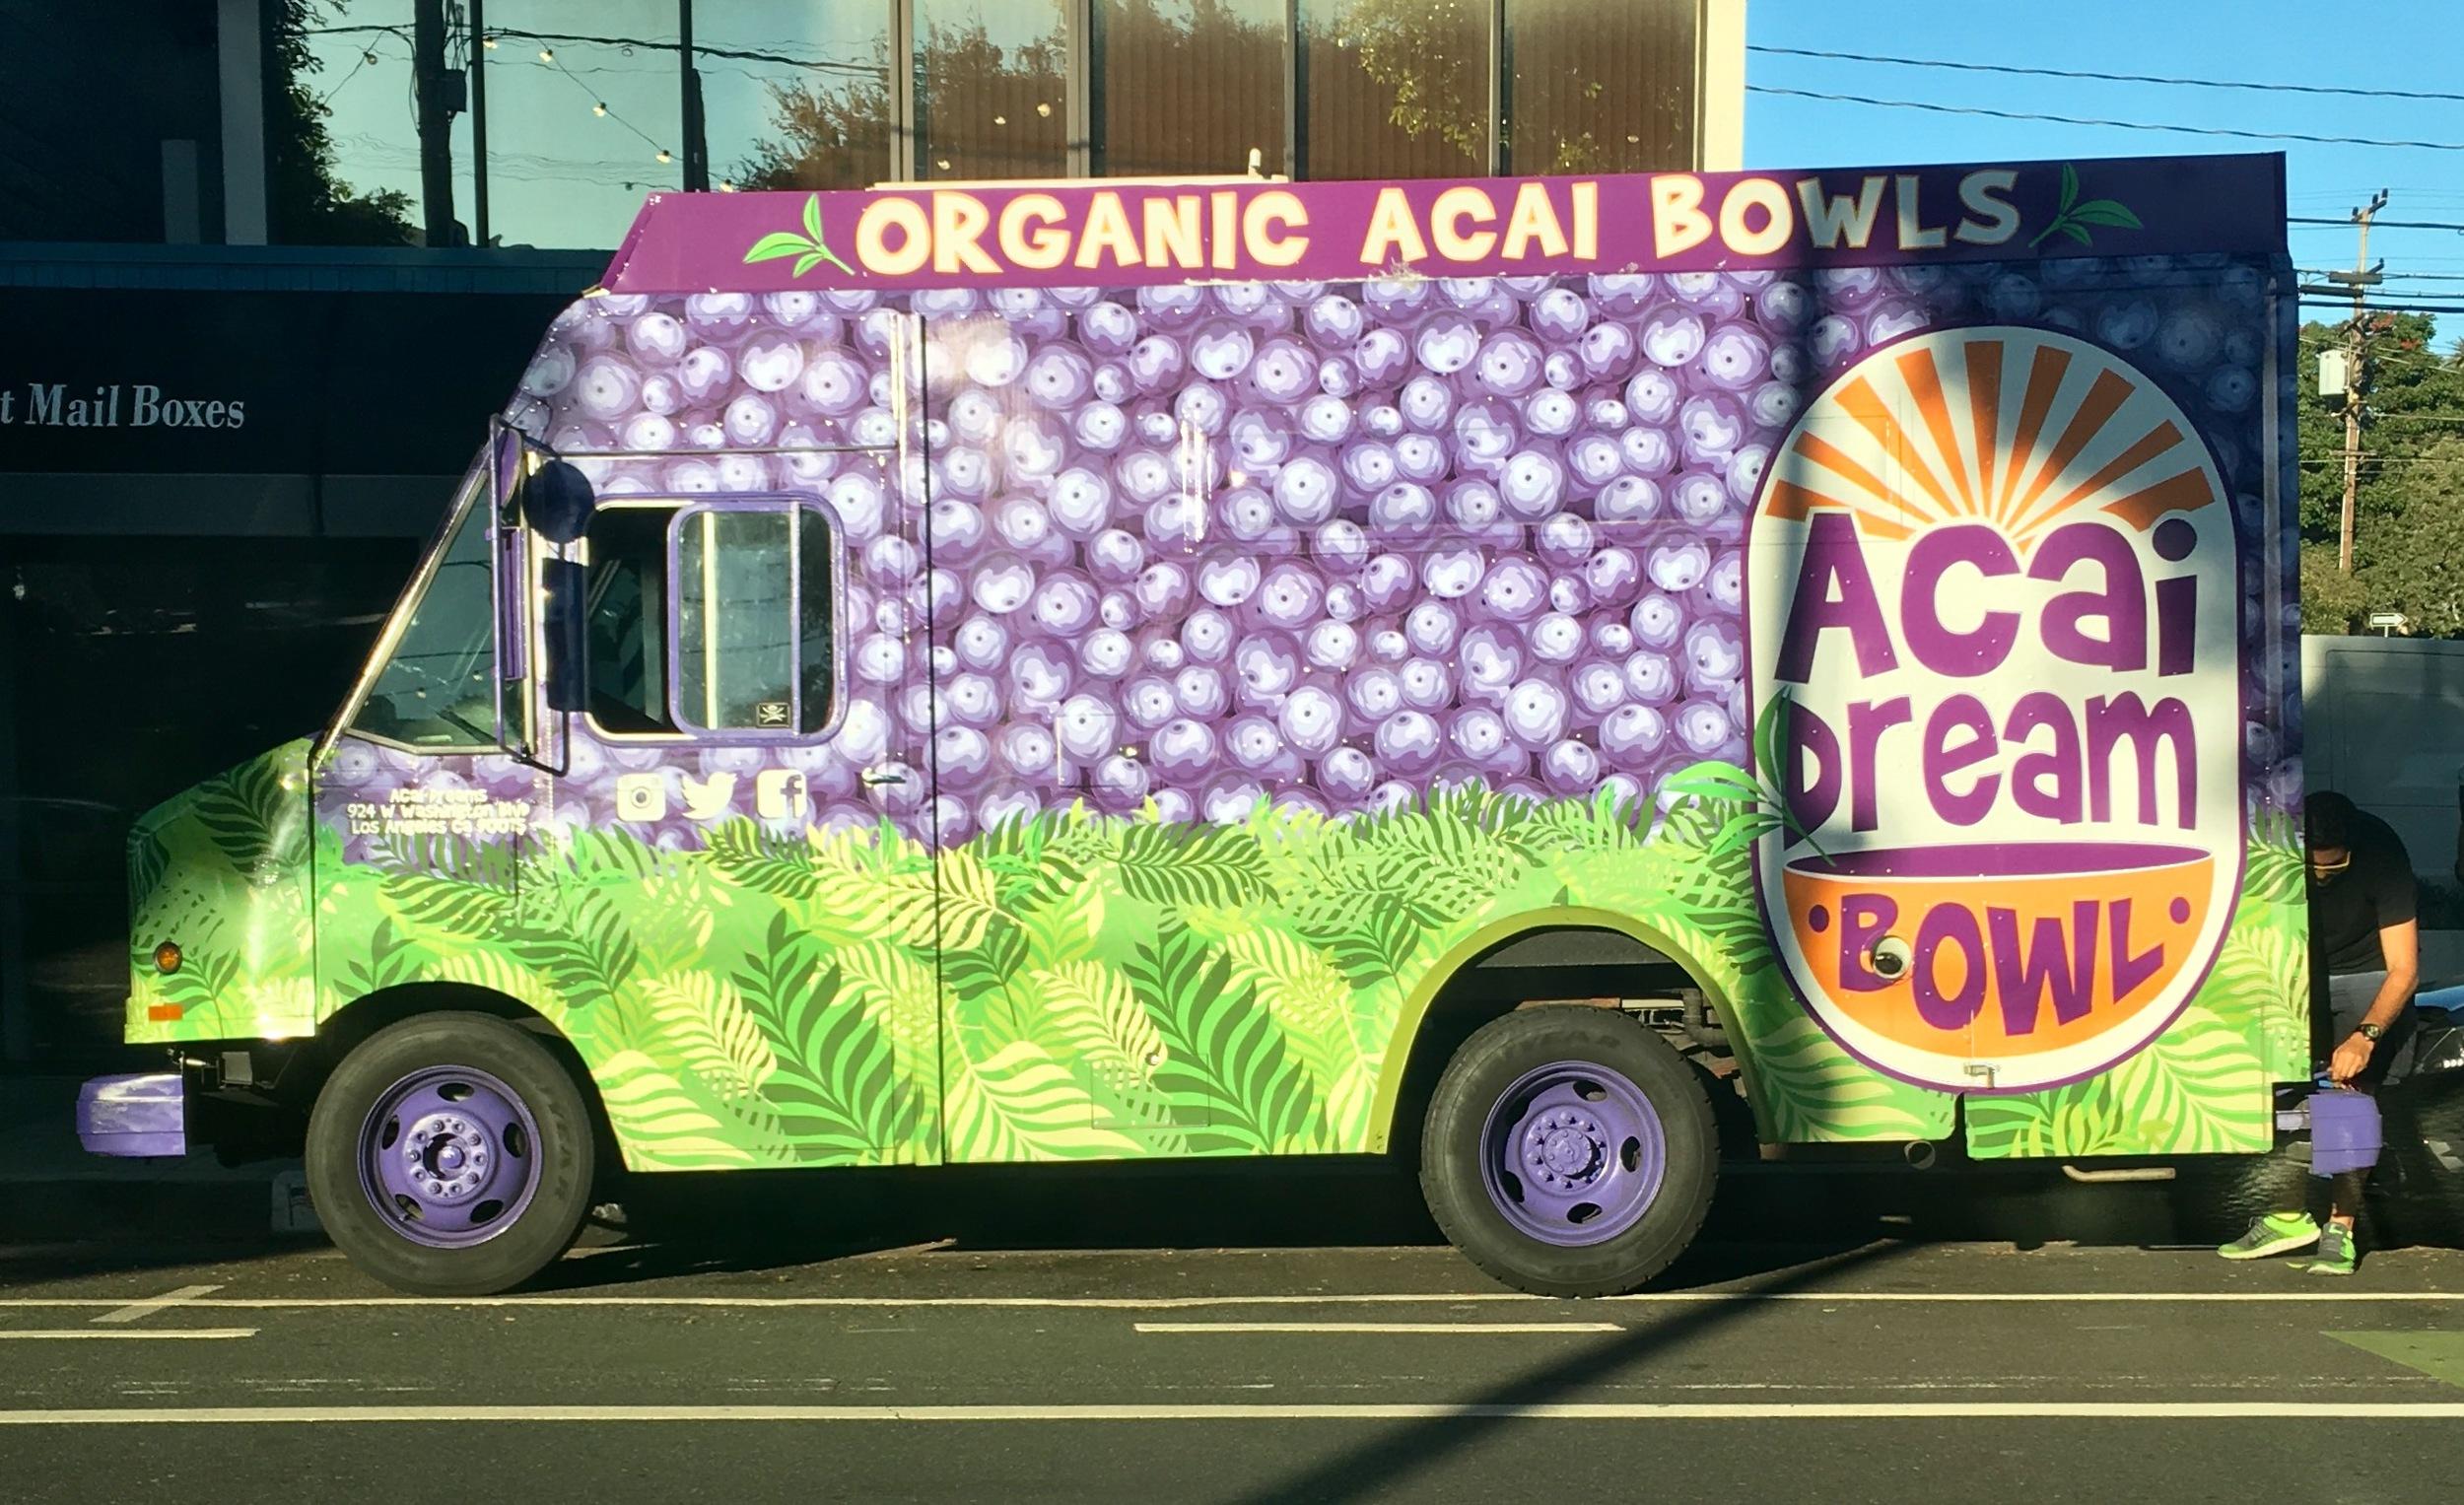 Acai bowl truck seen in Venice, CA.